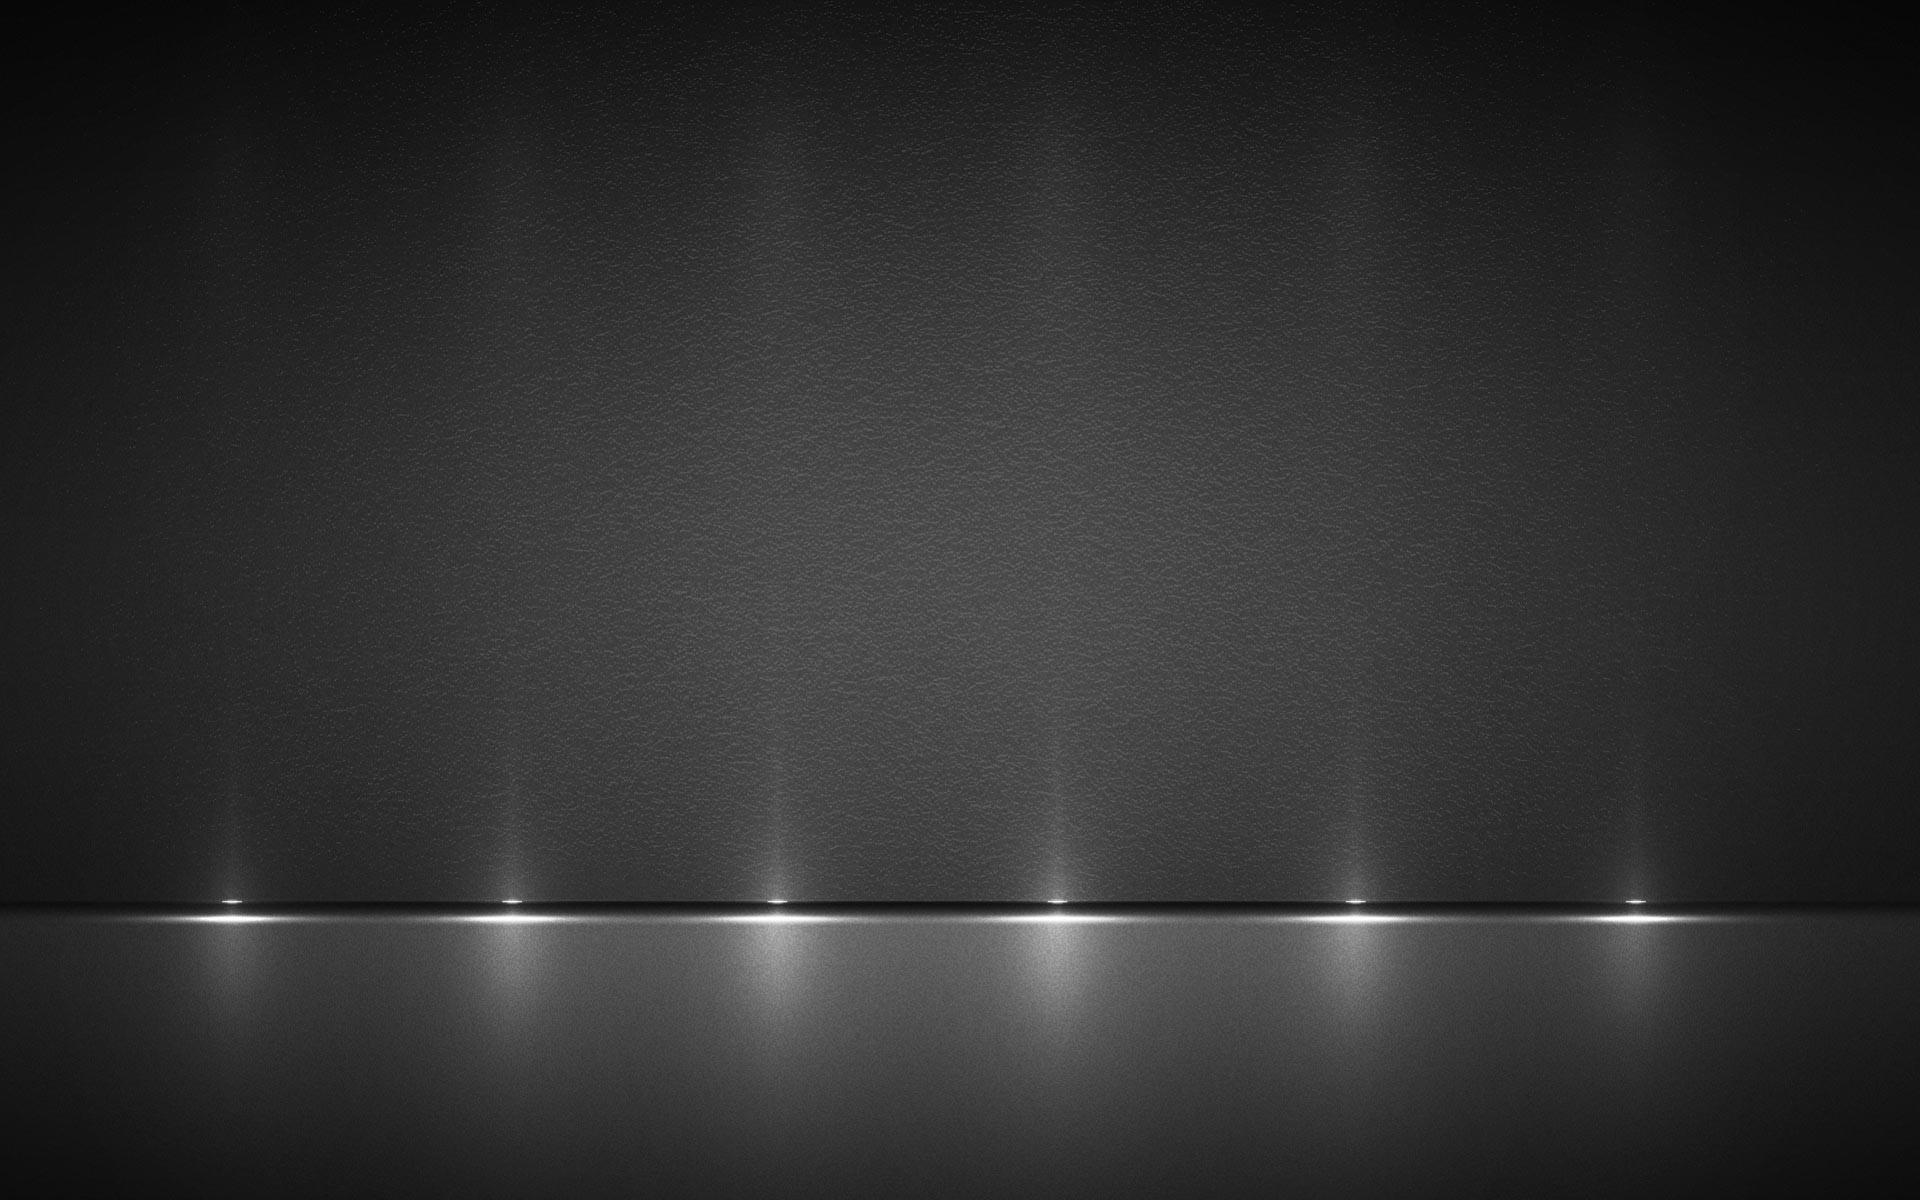 black light backgrounds 62 images